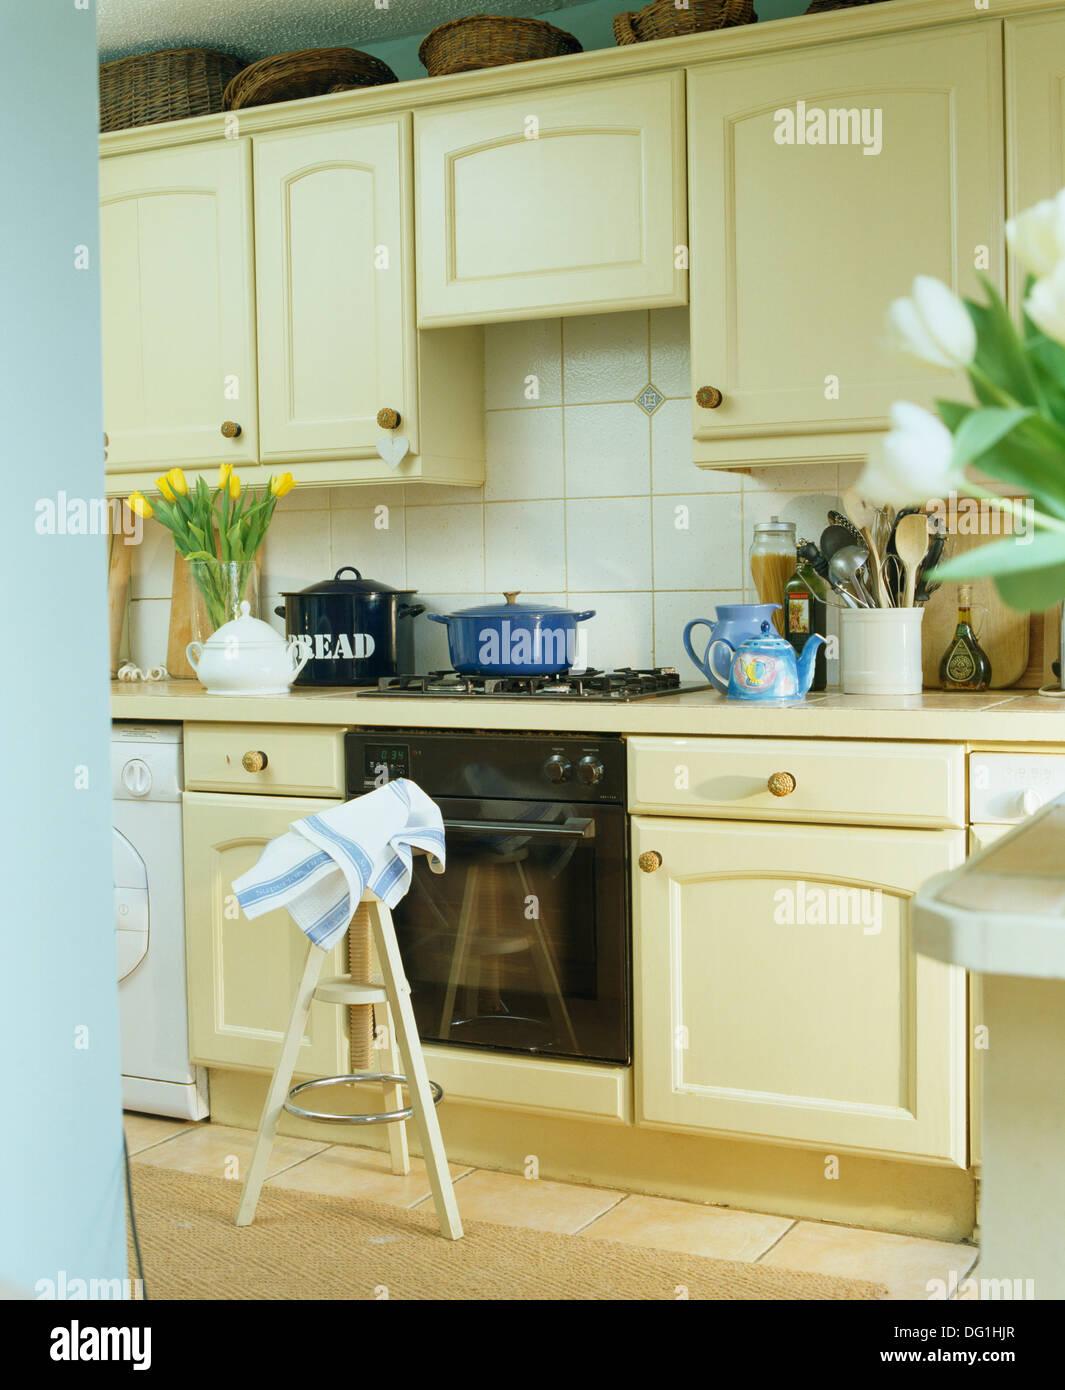 Atemberaubend Blau Küchenwände Mit Sahne Schränke Fotos ...